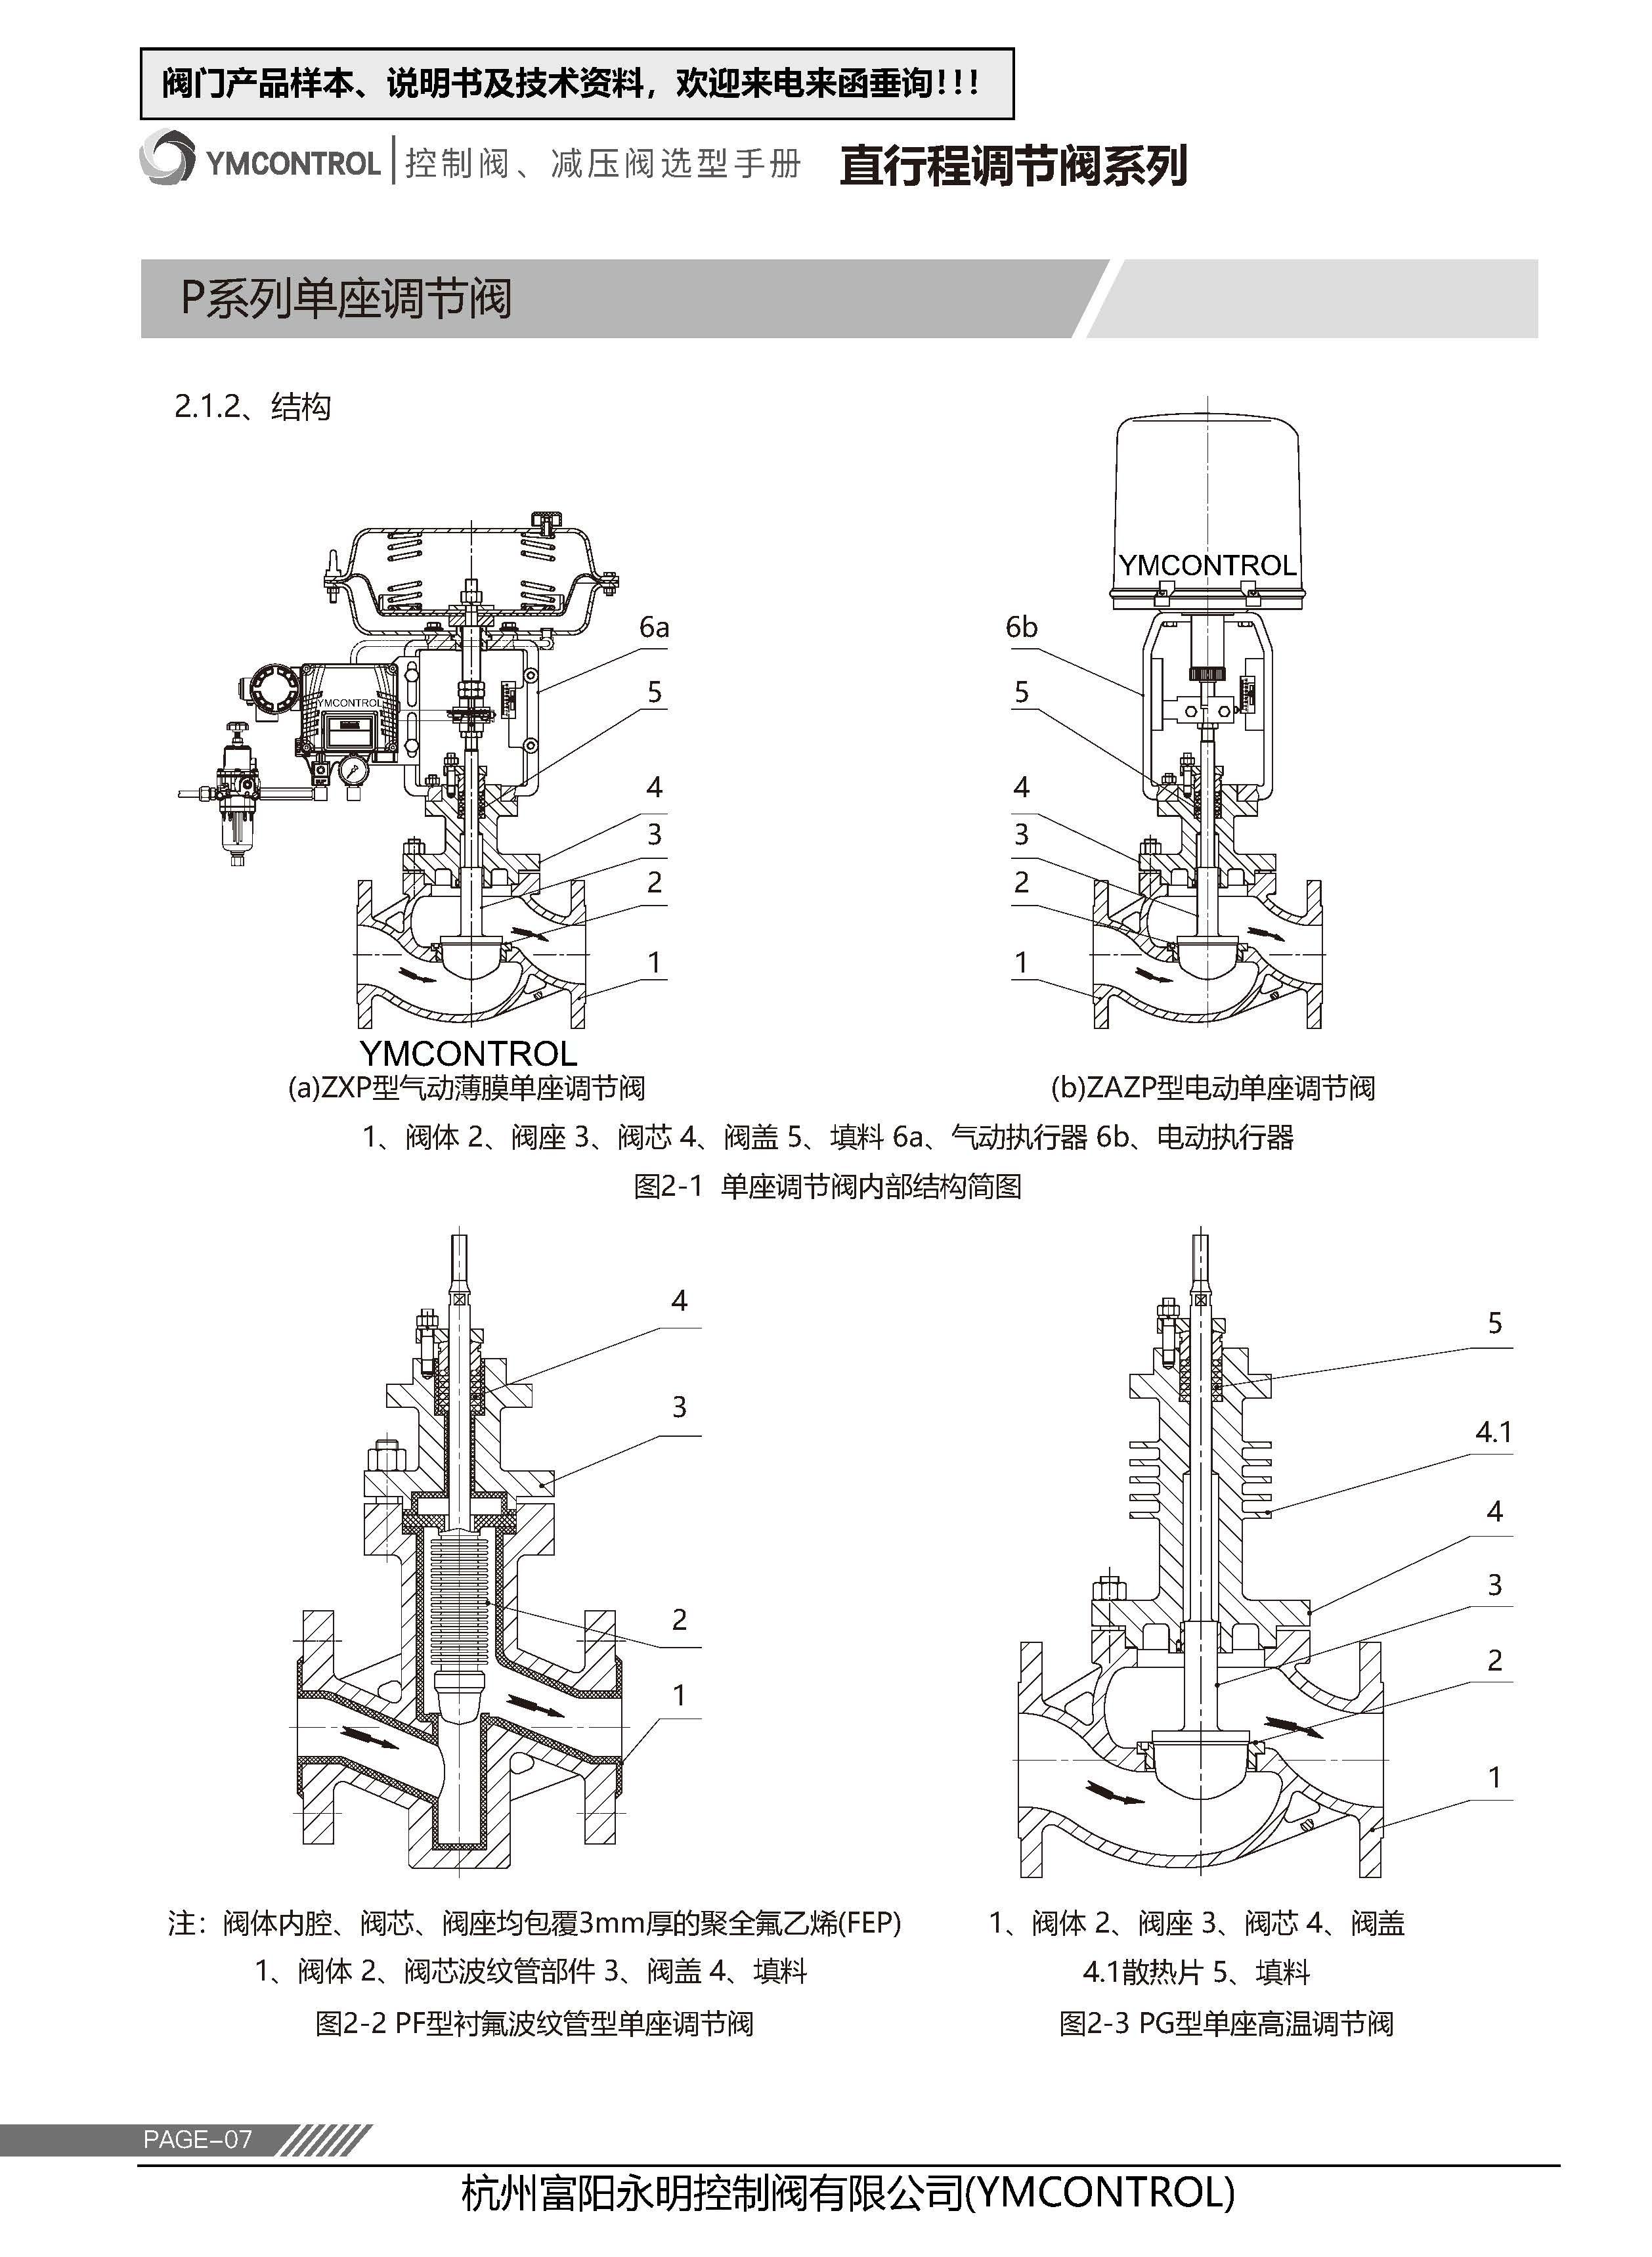 ZDLP-ZAZP電動單座調節閥樣本說明書